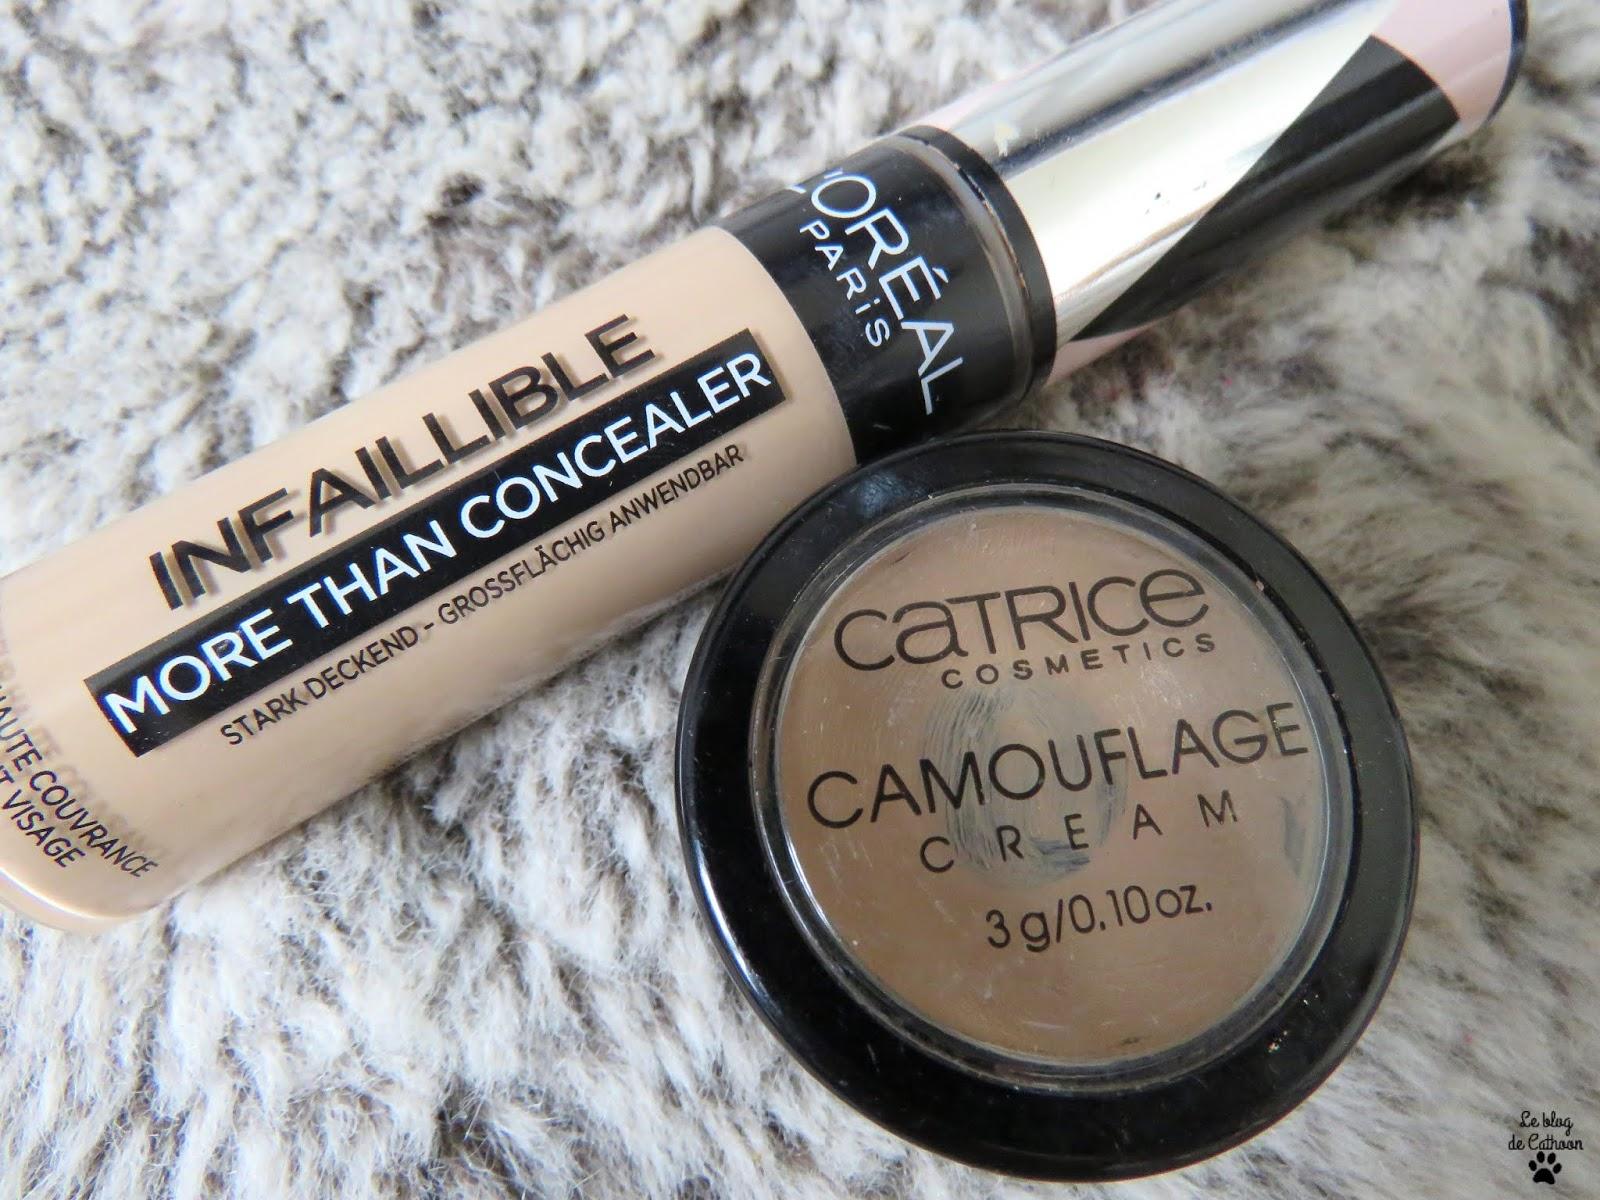 Camouflage Cream - Correcteur de Teint - Catrice More Than Concealer - Correcteur Haute Couvrance - Infaillible - L'Oréal